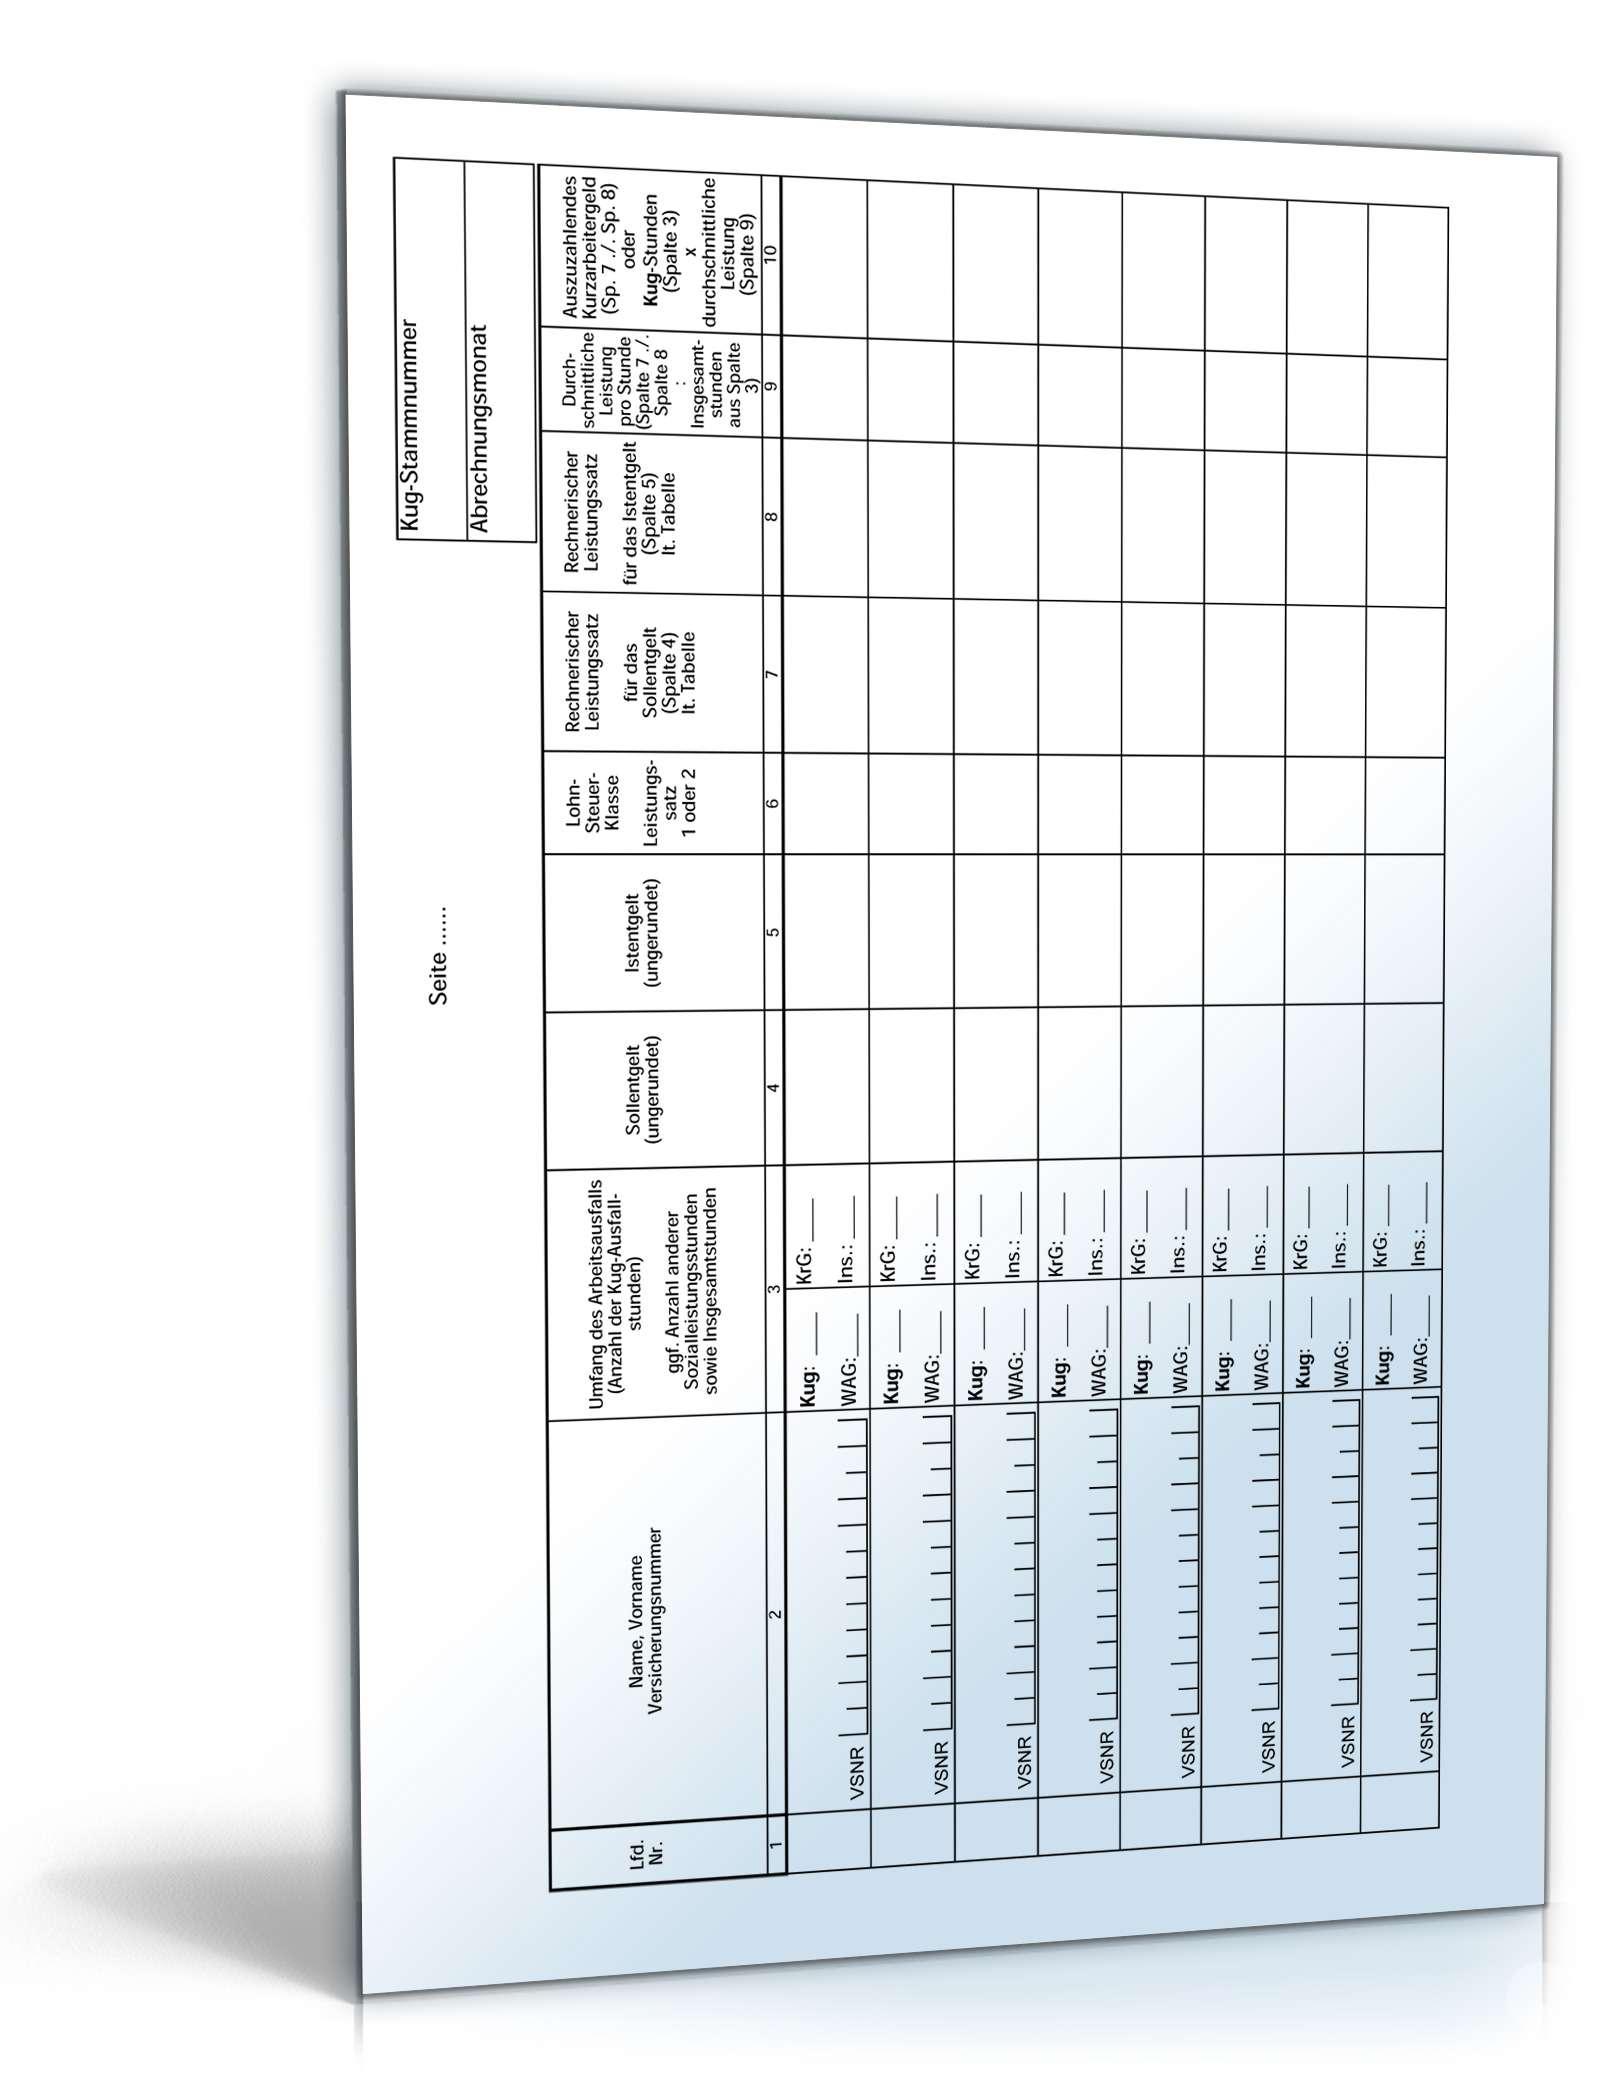 Wunderbar Umfang Einer Tabelle 4Klasse Zeitgenössisch - Super Lehrer ...